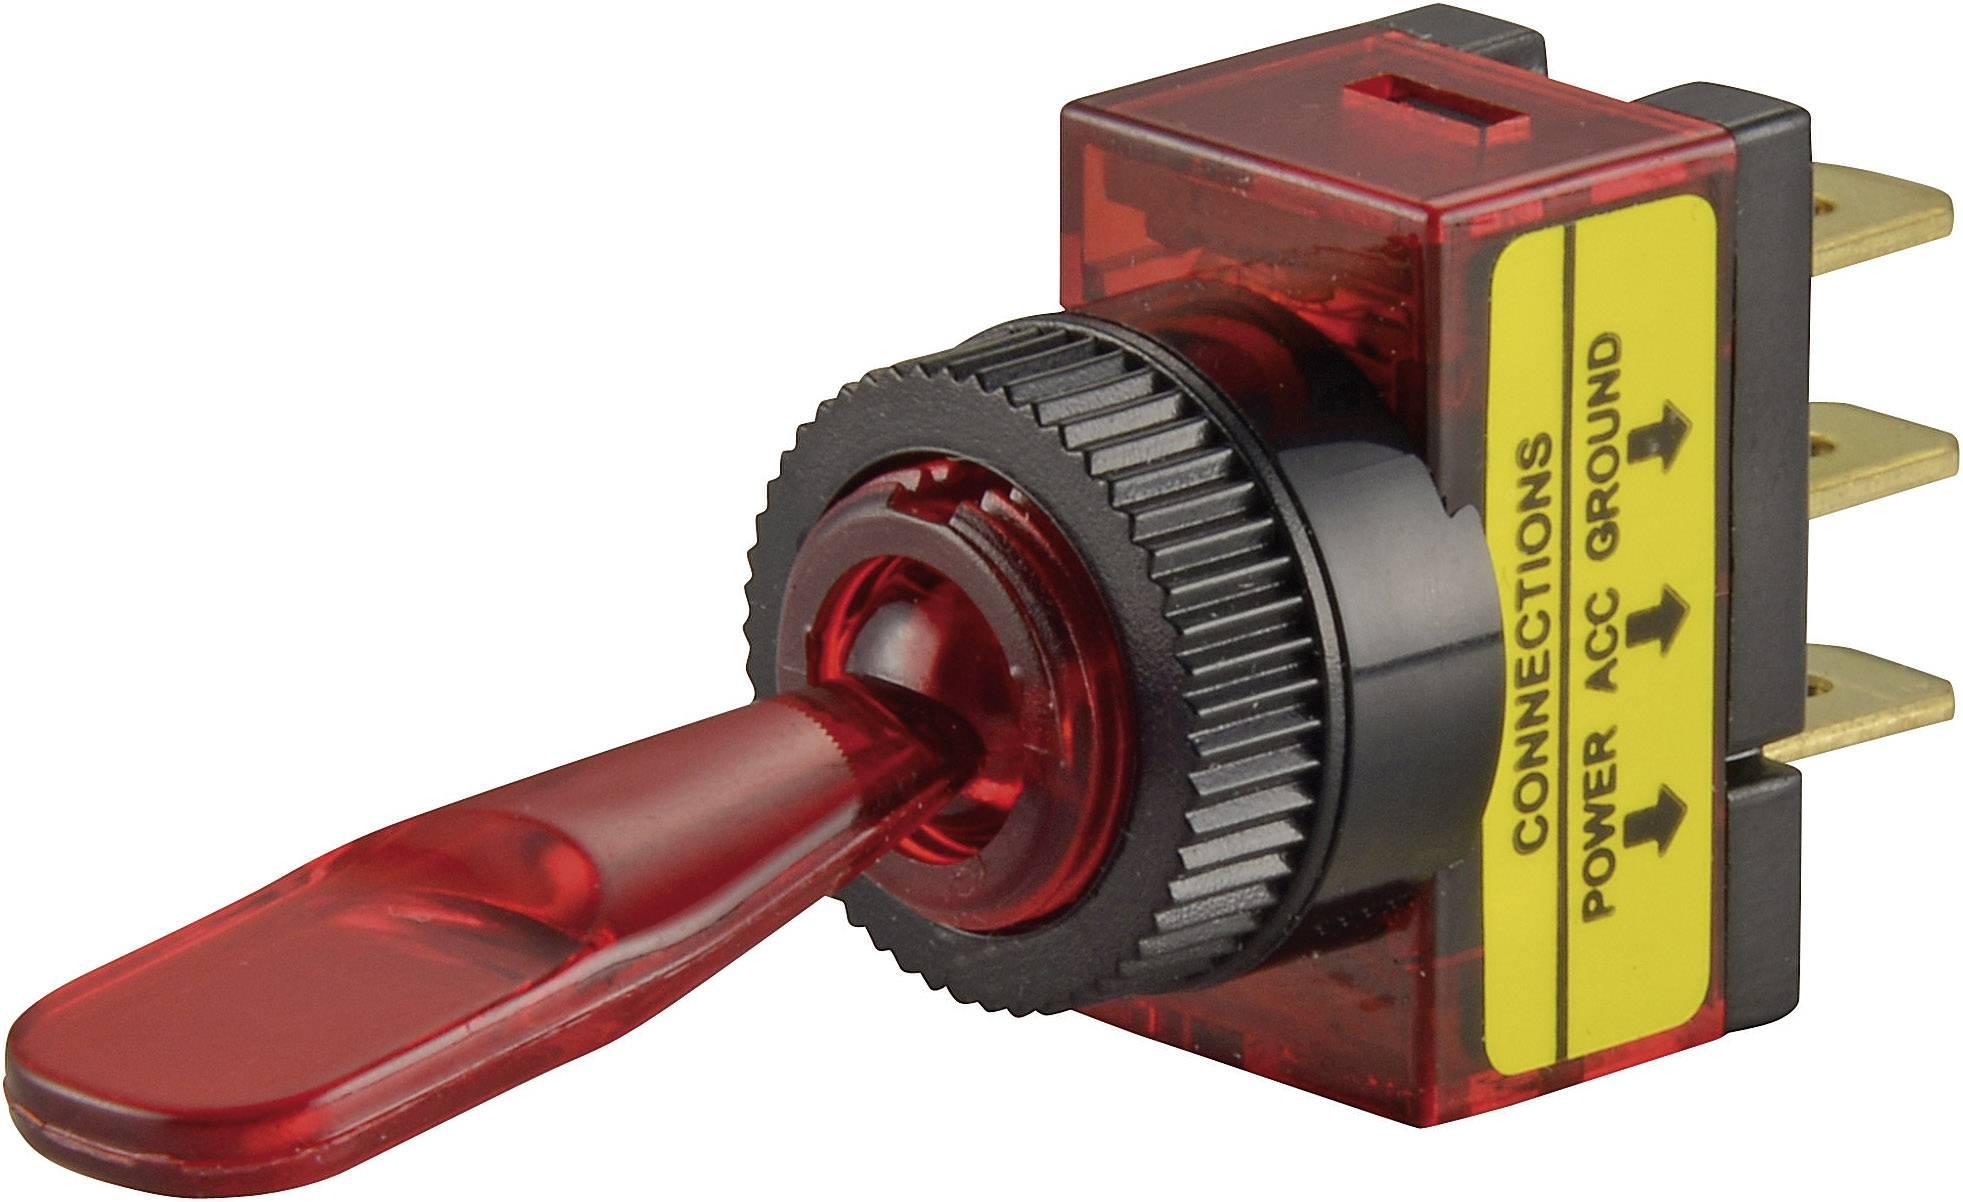 Páčkový prepínač do auta SCI R13-61B ILLUMINATED GREEN, 12 V/DC, 20 A, s aretáciou, 1 ks